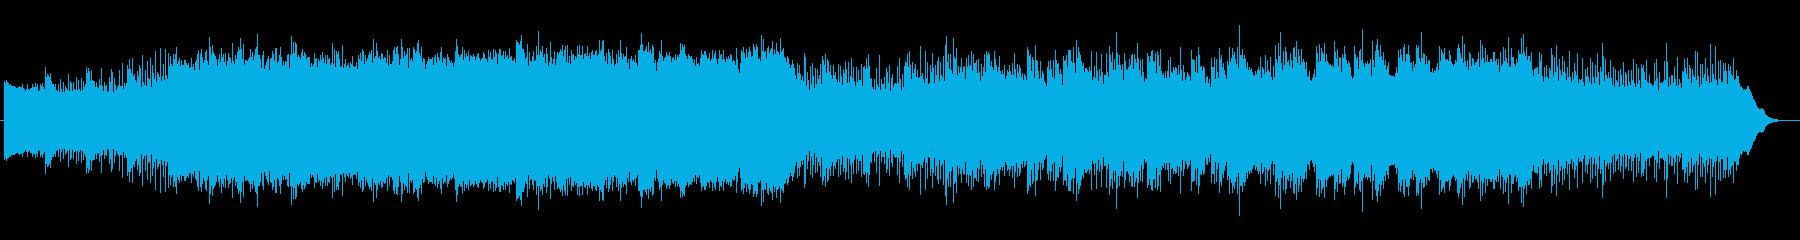 和やかで落ち着く安らぎの音楽の再生済みの波形